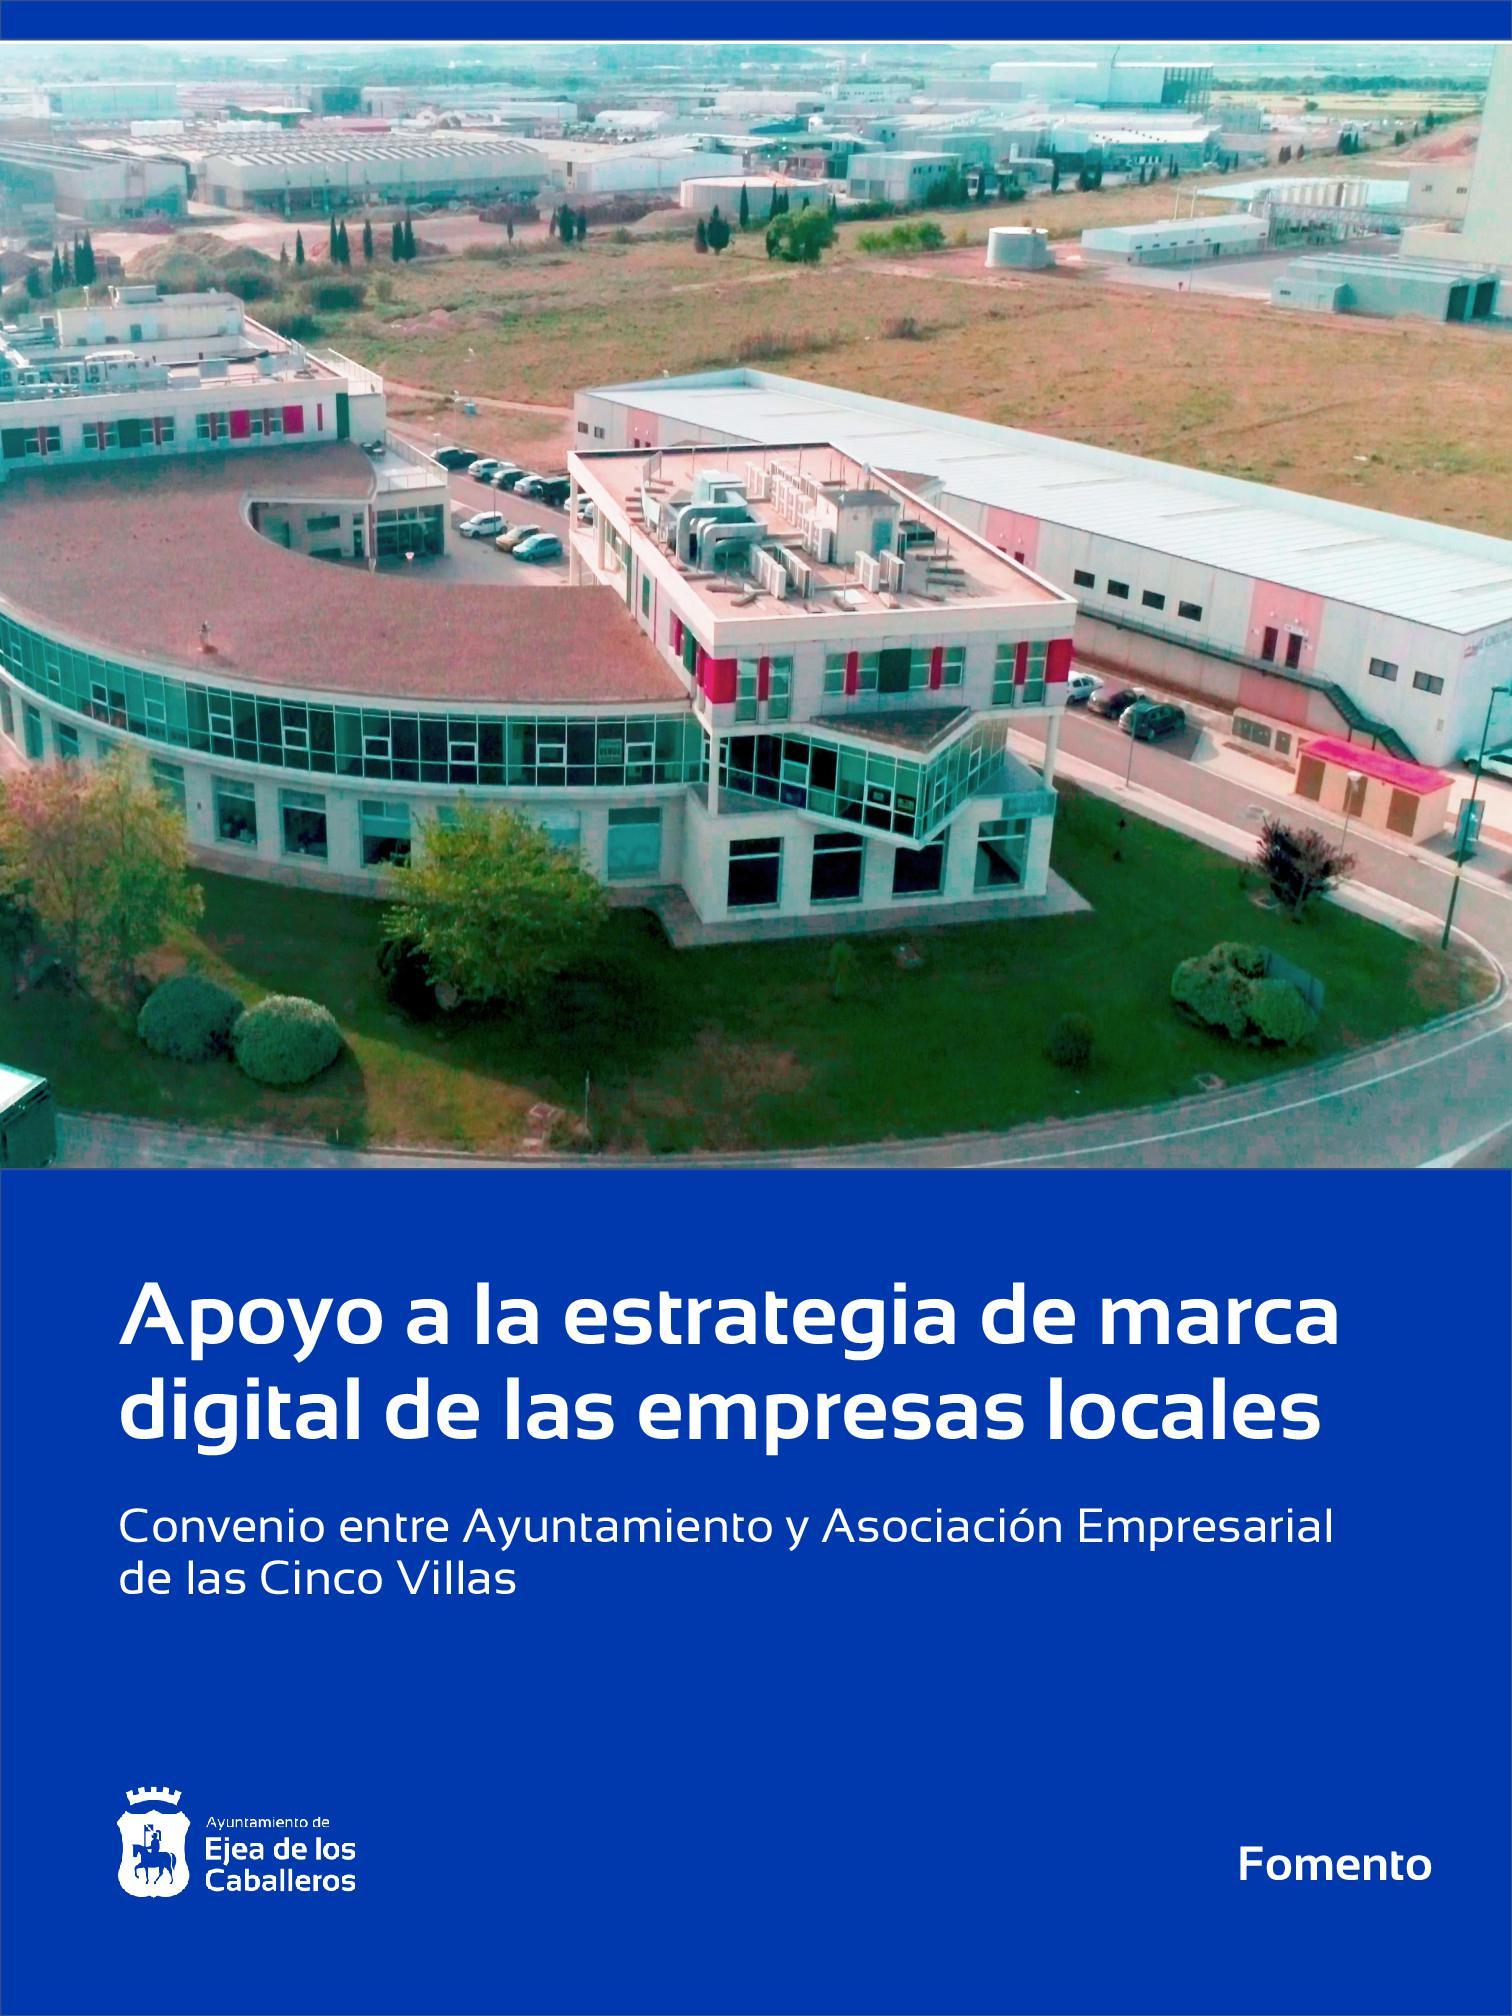 En este momento estás viendo El Ayuntamiento de Ejea apoya la estrategia de marca digital de las empresas locales